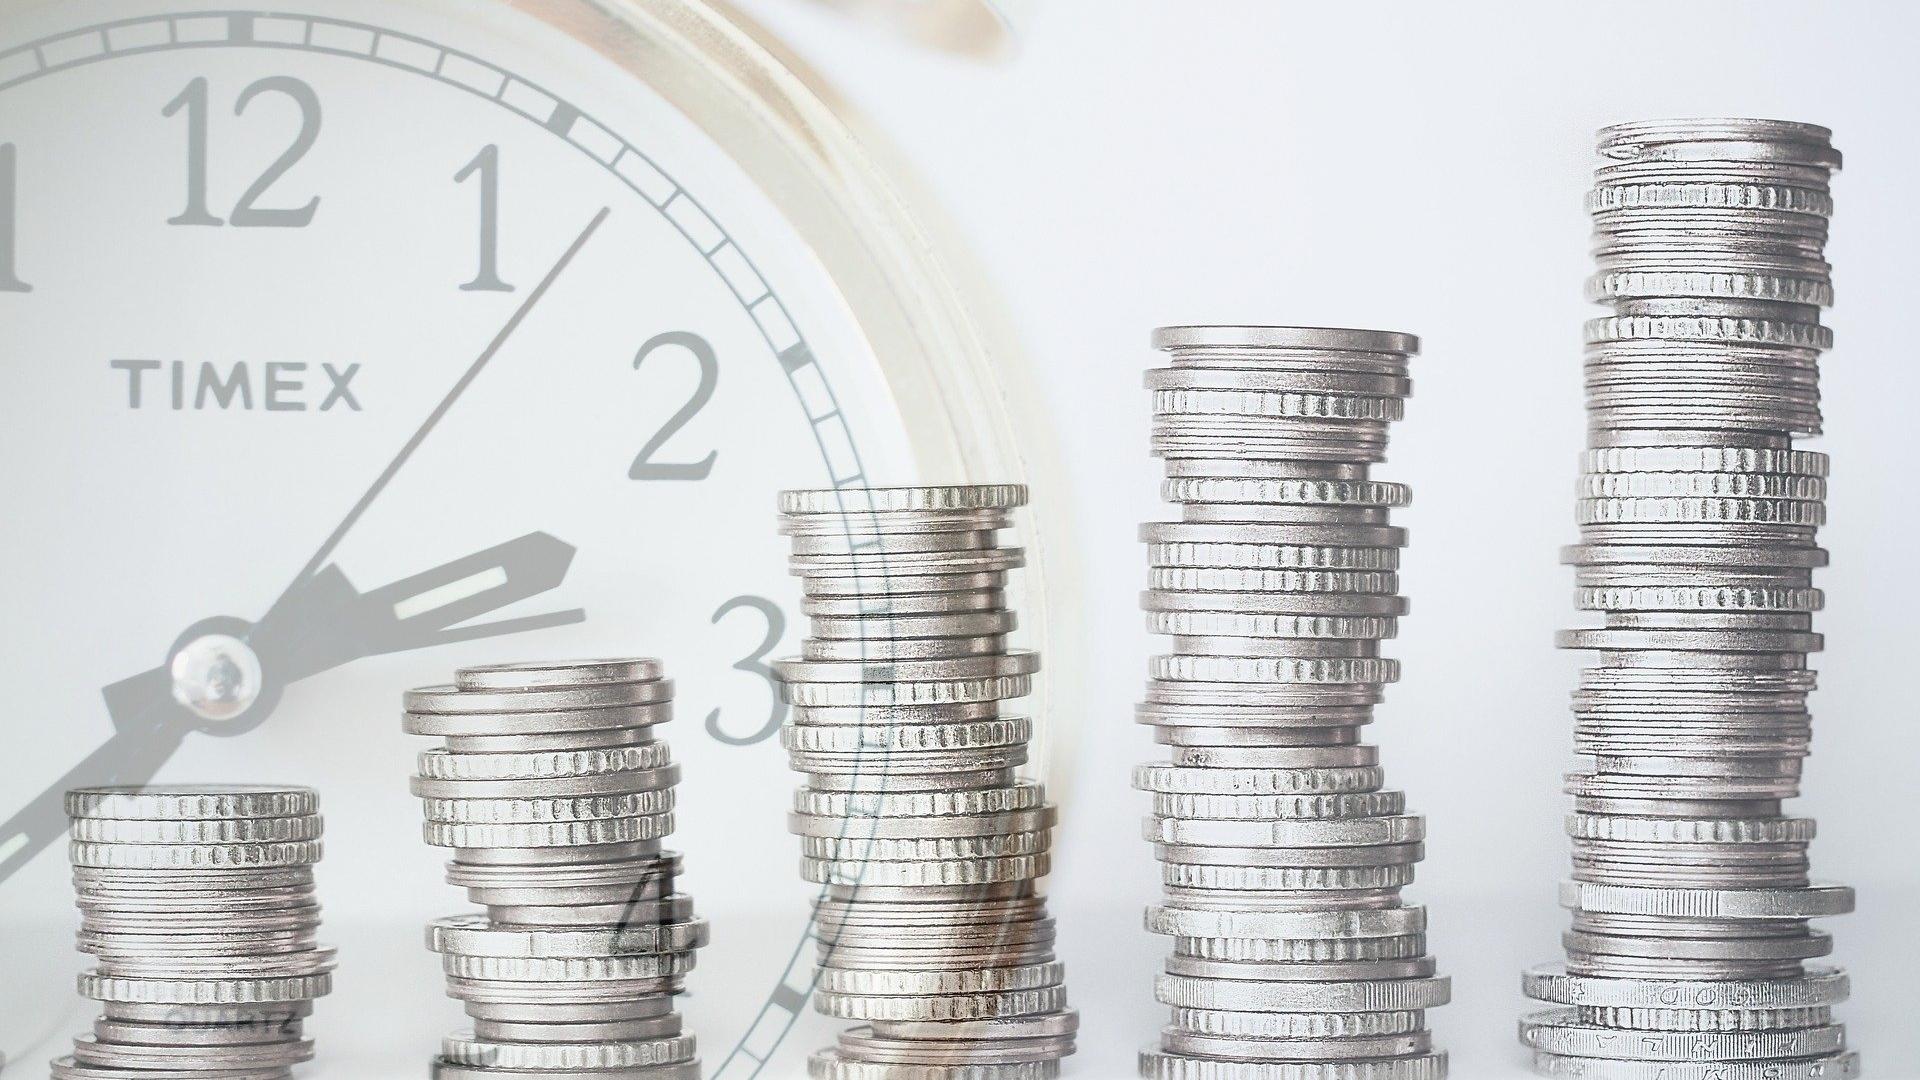 ポイント3『お金と時間の使い方を3つに分けて考えた』